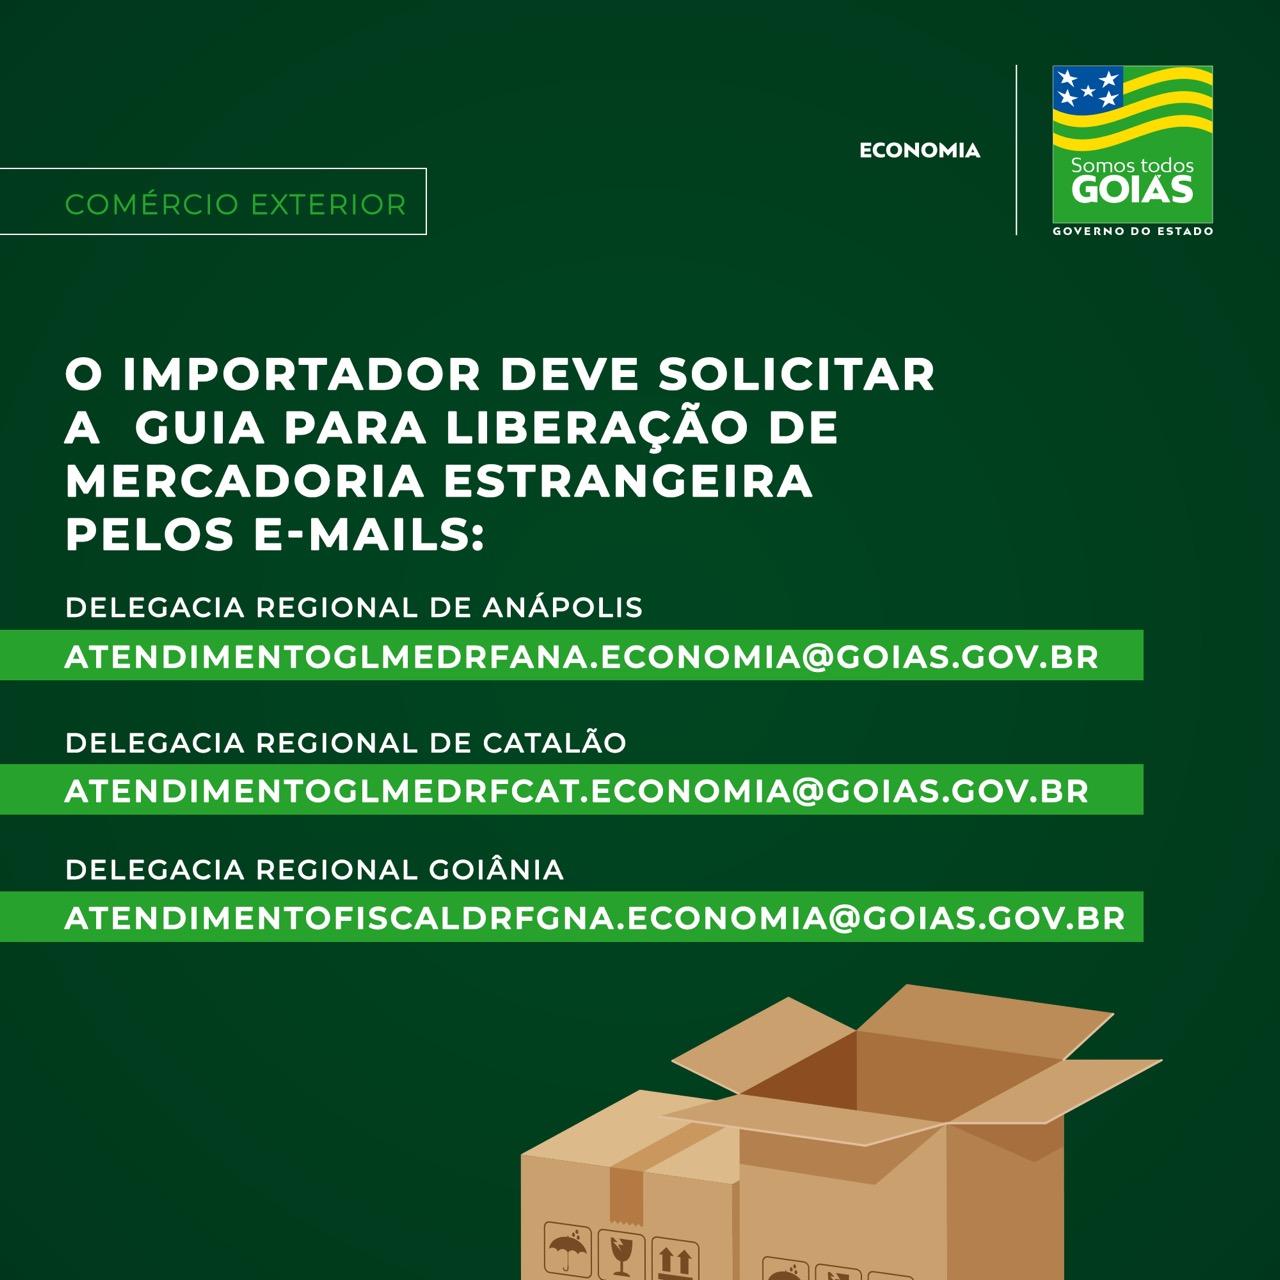 Guia de liberação para importação pode ser solicitada por e-mail